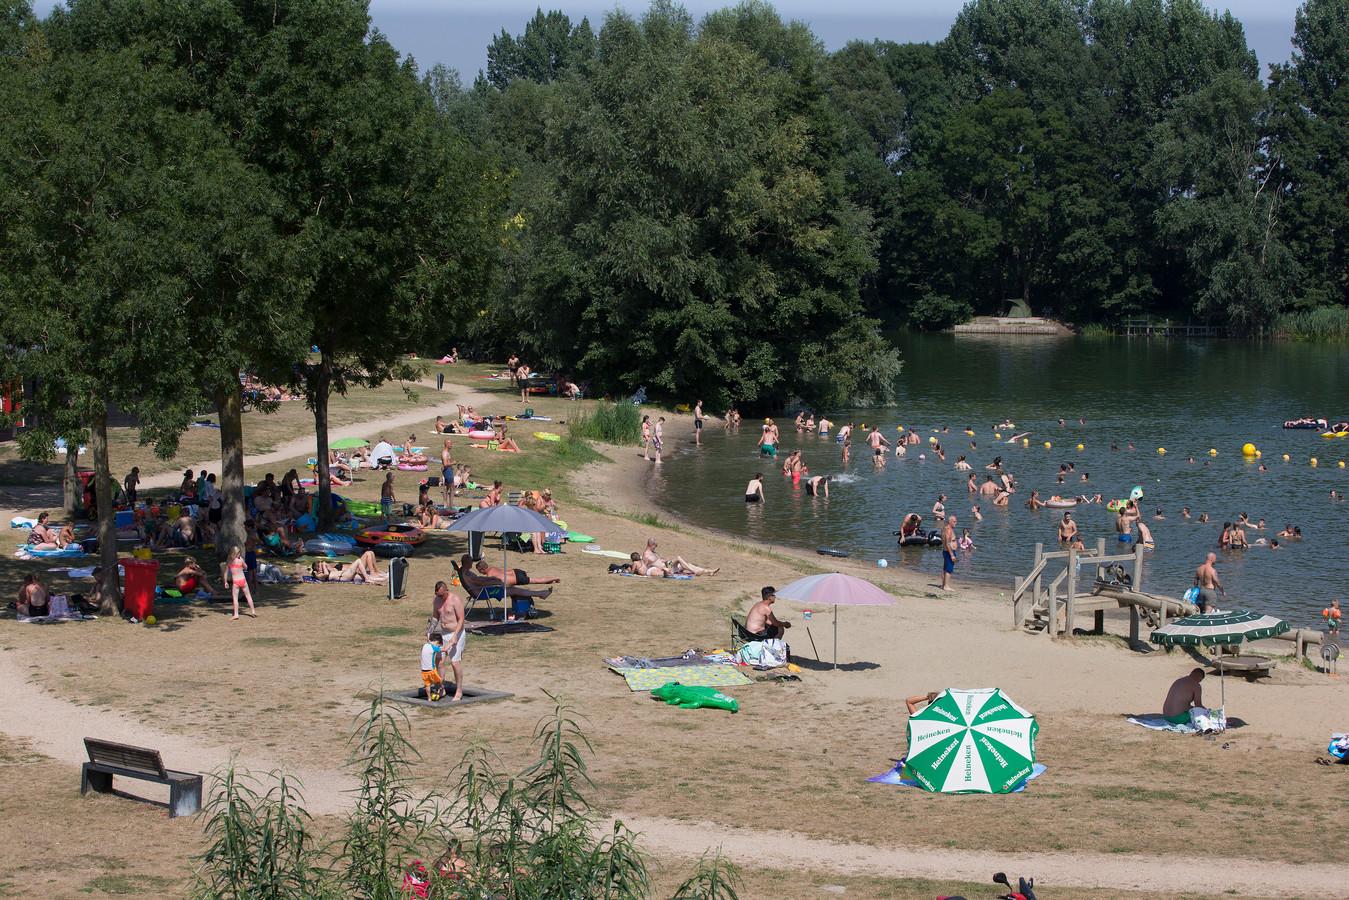 Mensen zoeken verkoeling in het natuurwater van De Breuly bij Zevenaar.